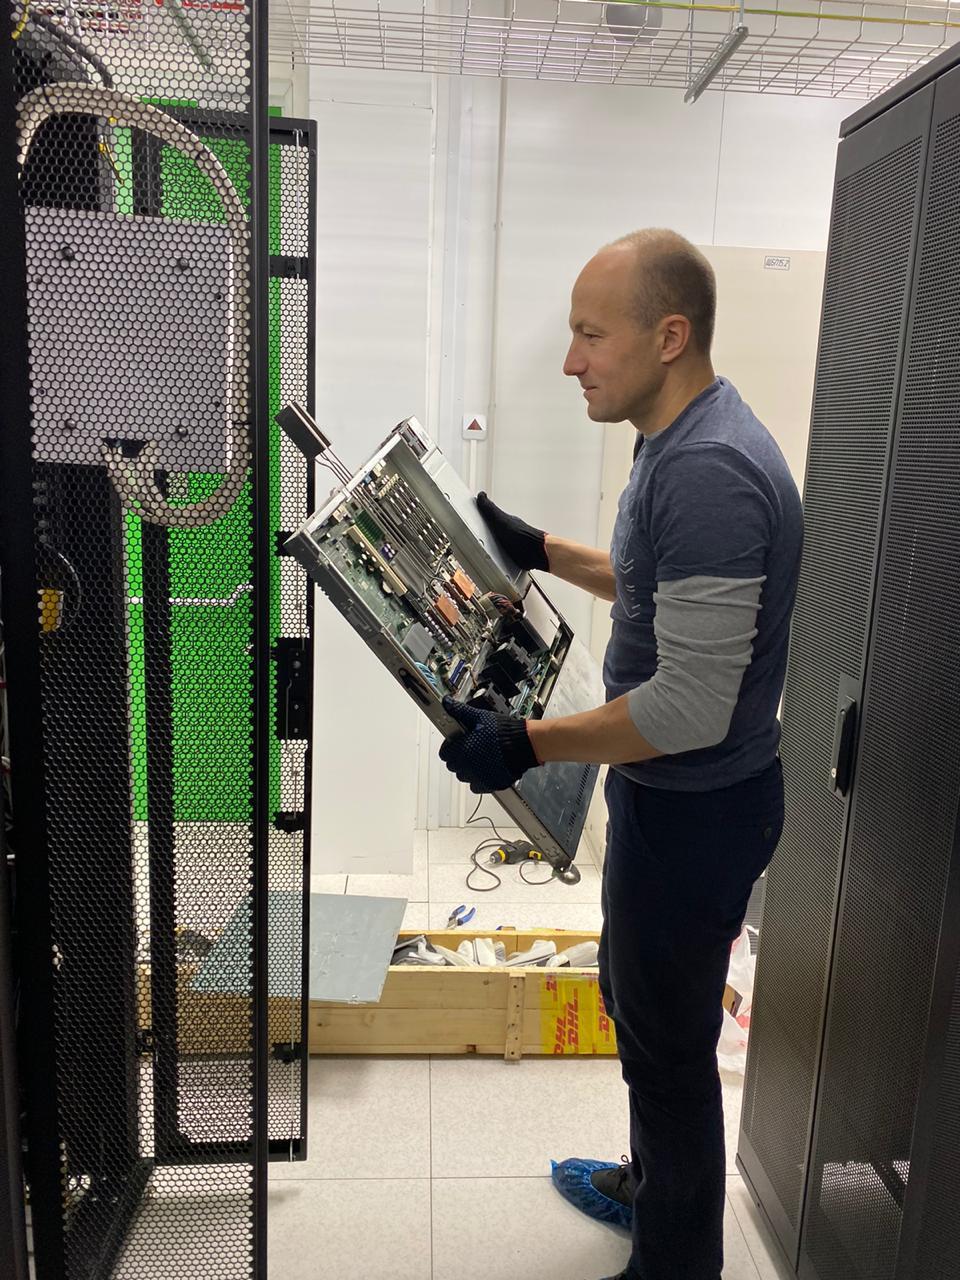 Модернизировали серверную стойку в DataPro. Теперь она еще удобнее!